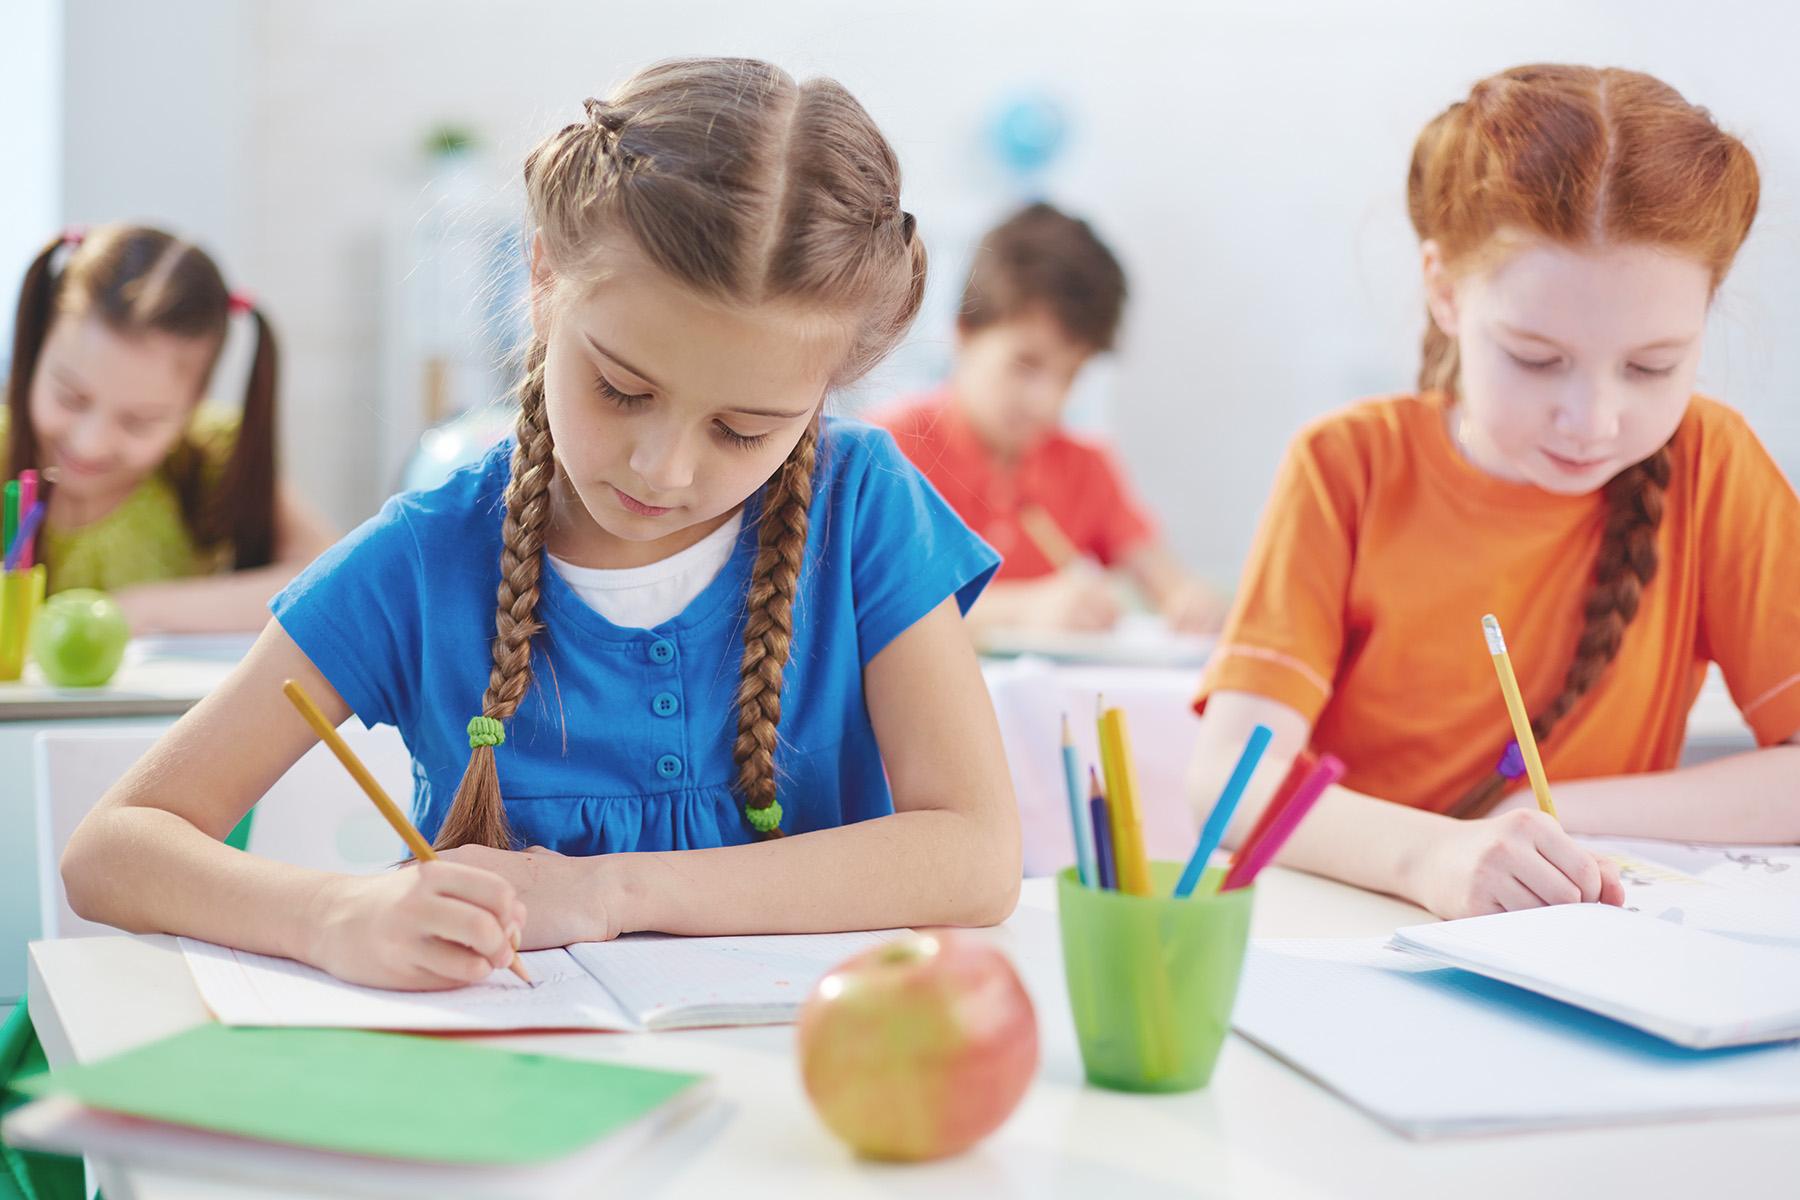 Картинки занятия детей в школе